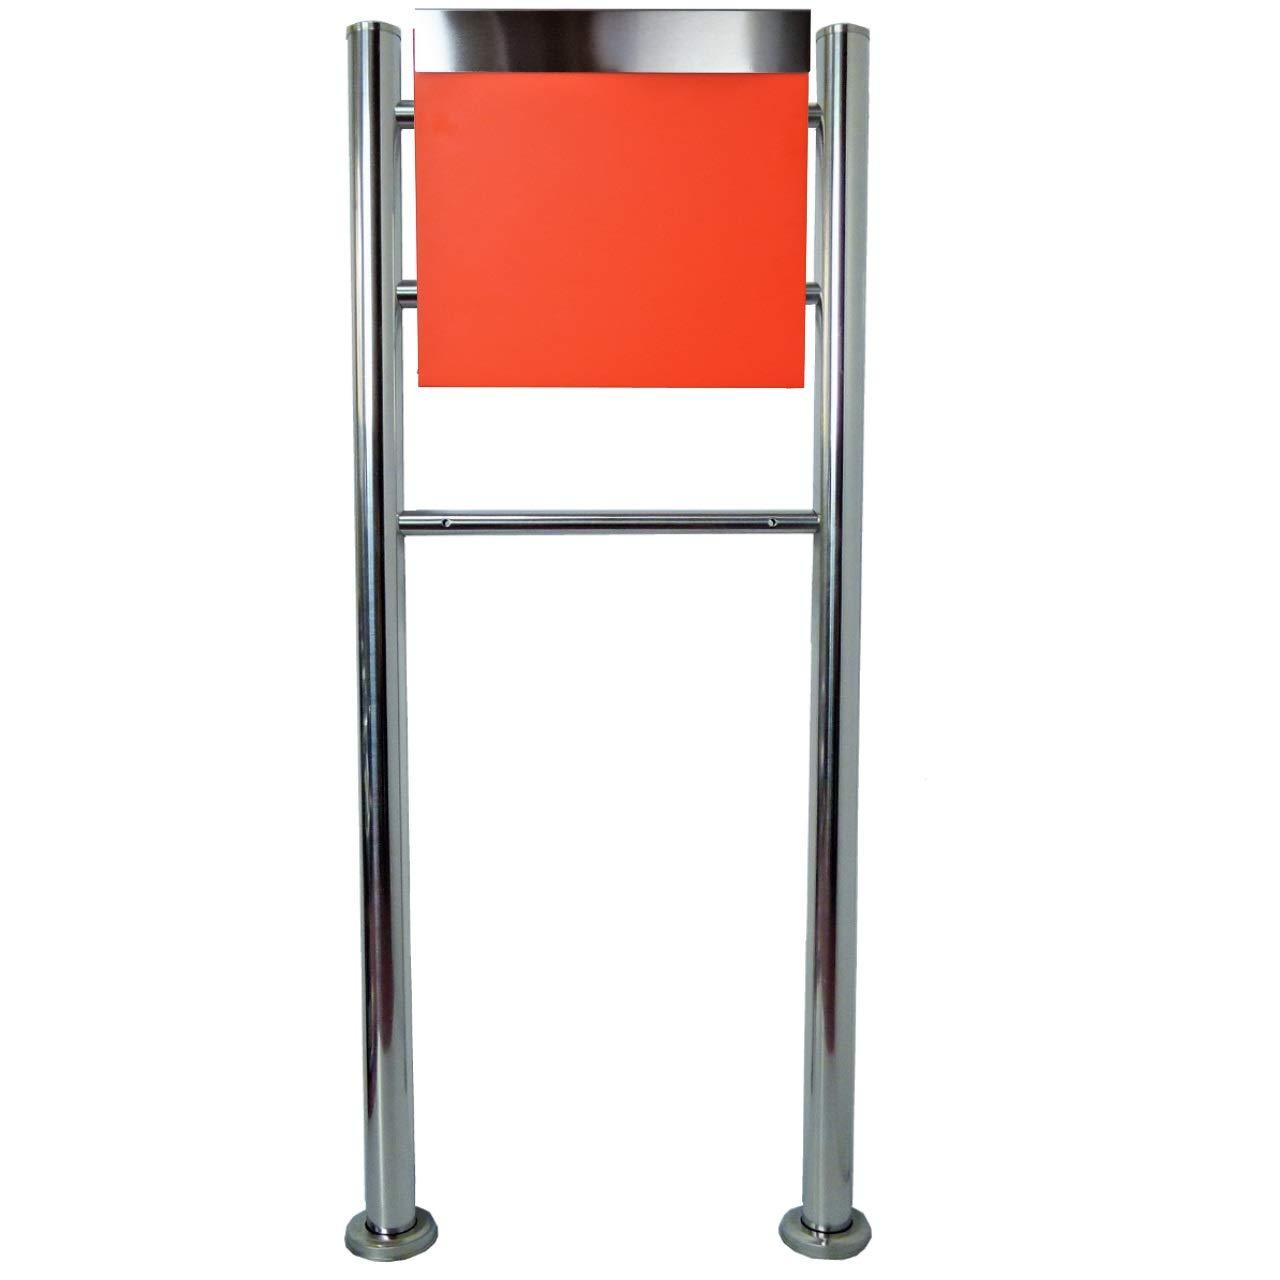 郵便ポスト郵便受けおしゃれ北欧風飾りバー付スタンド型鍵付きマグネット付きオレンジ色ポストpm06f-pm332   B07DRBKVB5